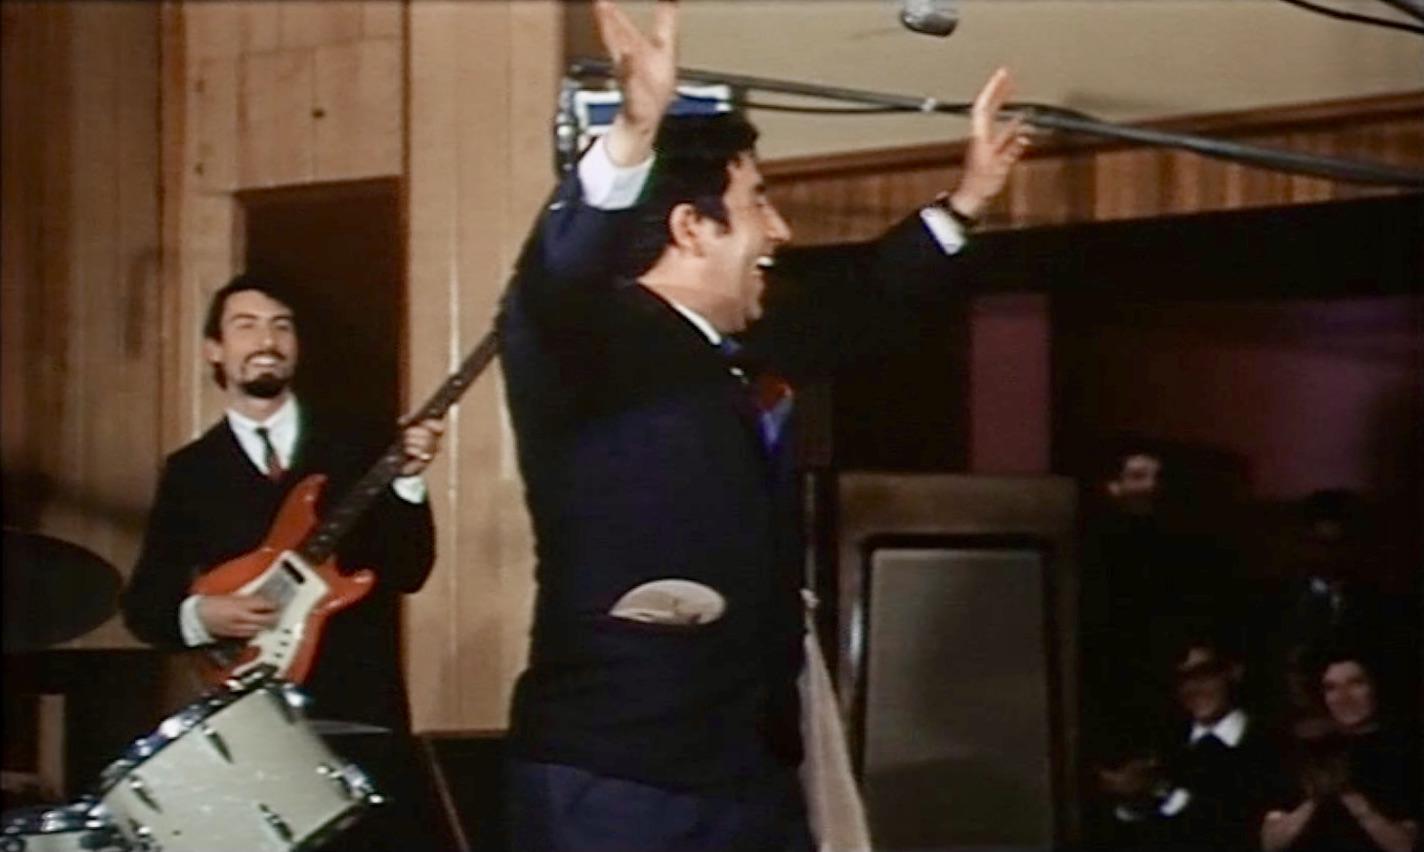 ¡¡¡Prefiero cantar con el grupo Picapedrers!!!